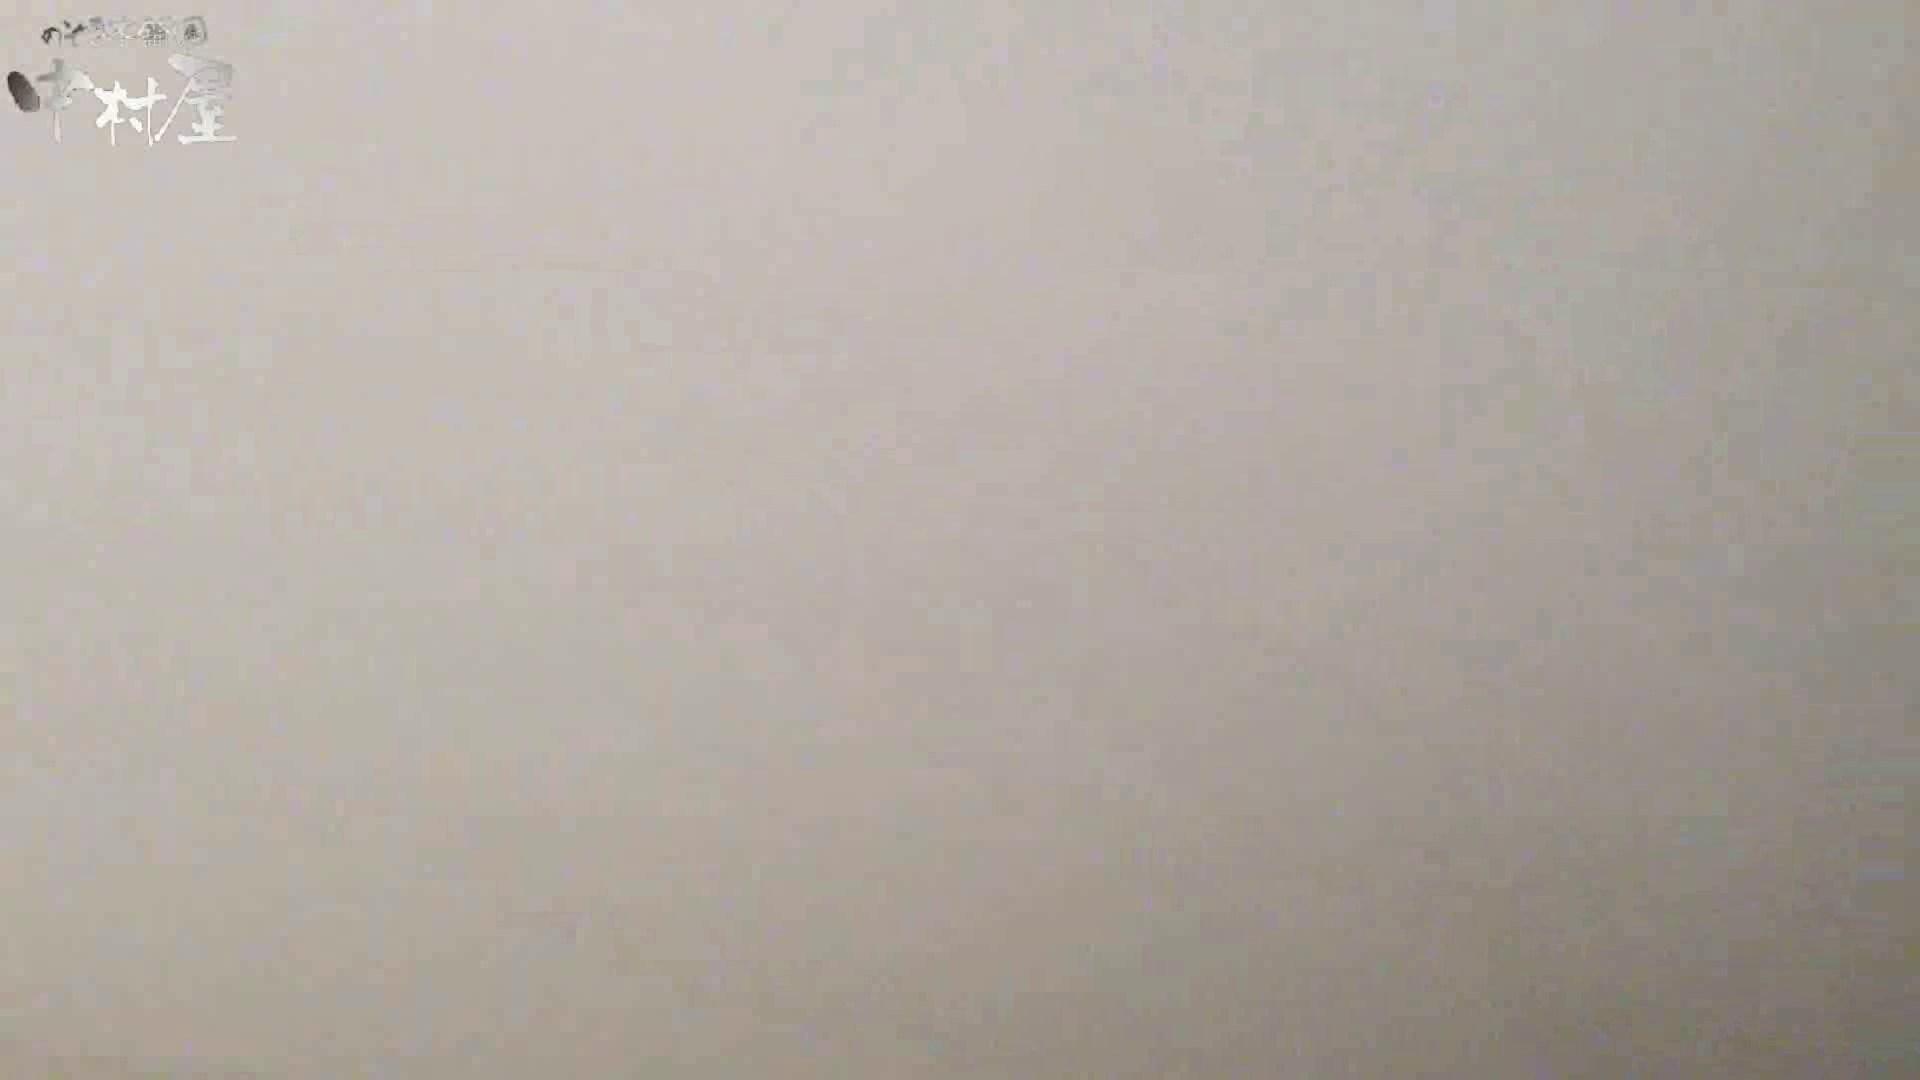 部活女子トイレ潜入編vol.5 女子トイレ SEX無修正画像 98連発 24